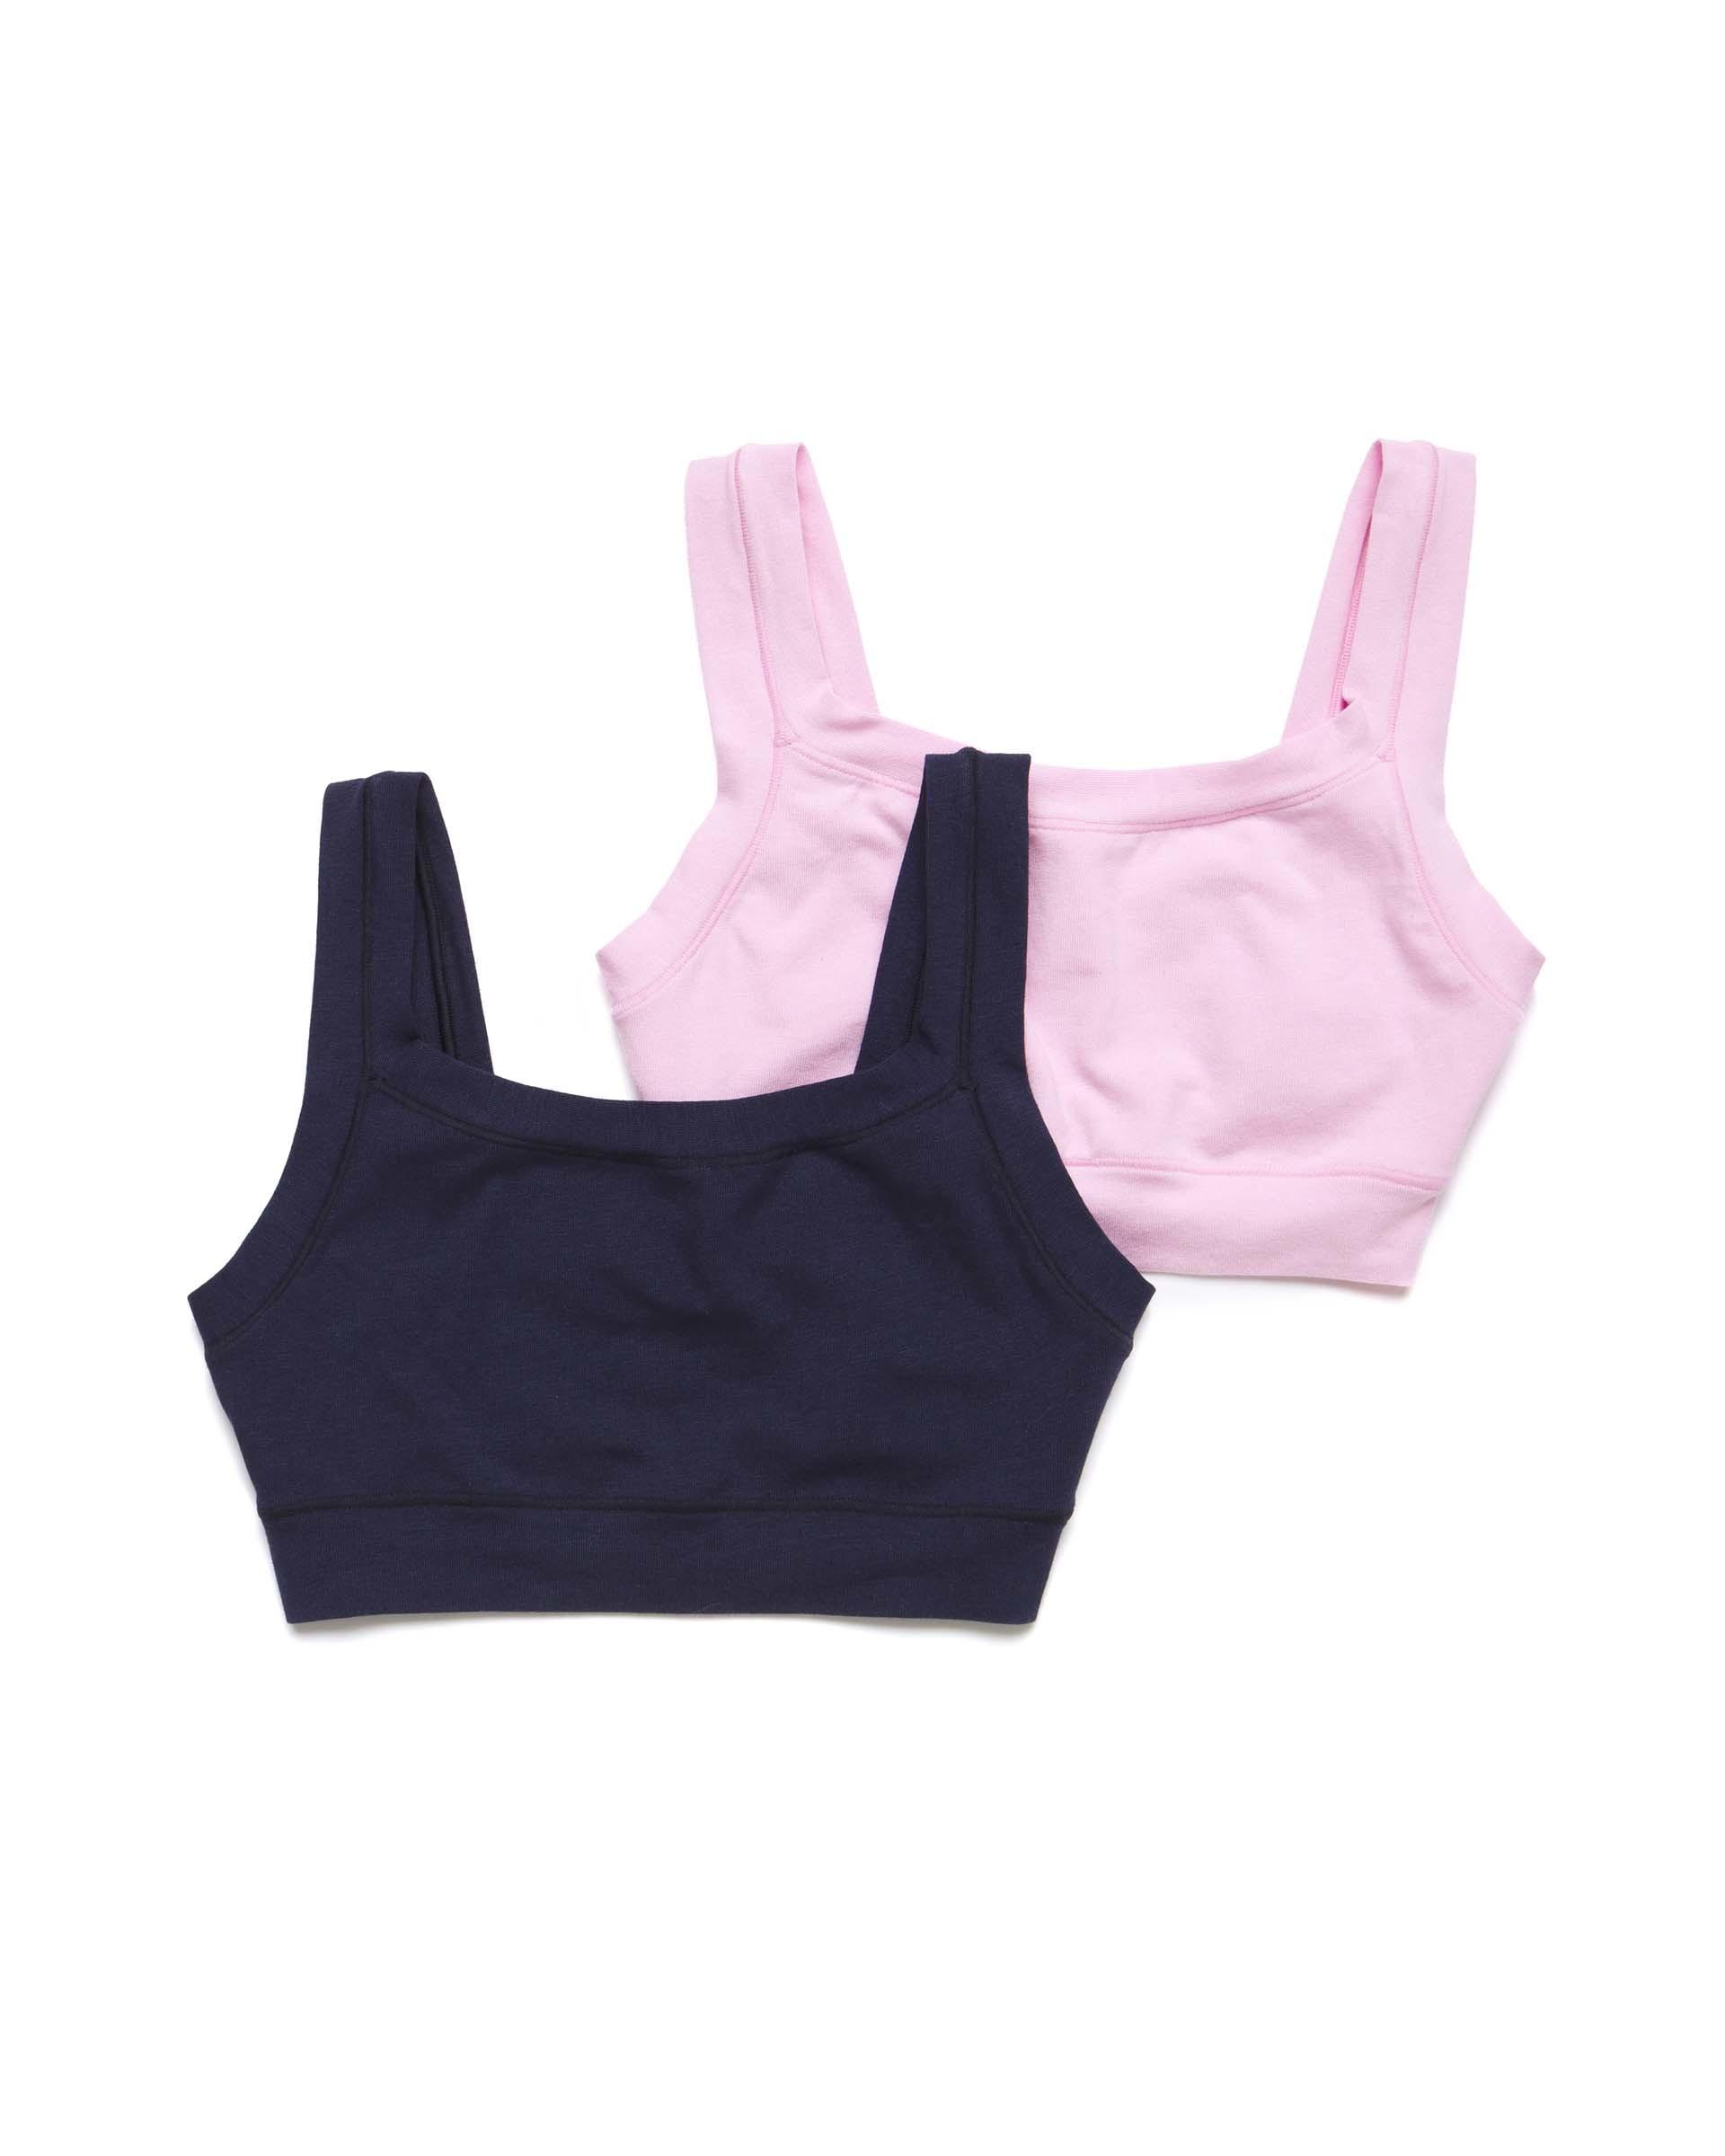 Купить 20P_3Q950R15E_902, Набор из двух бра для девочек Benetton 3Q950R15E_902 р-р 128, United Colors of Benetton, Майки для девочек